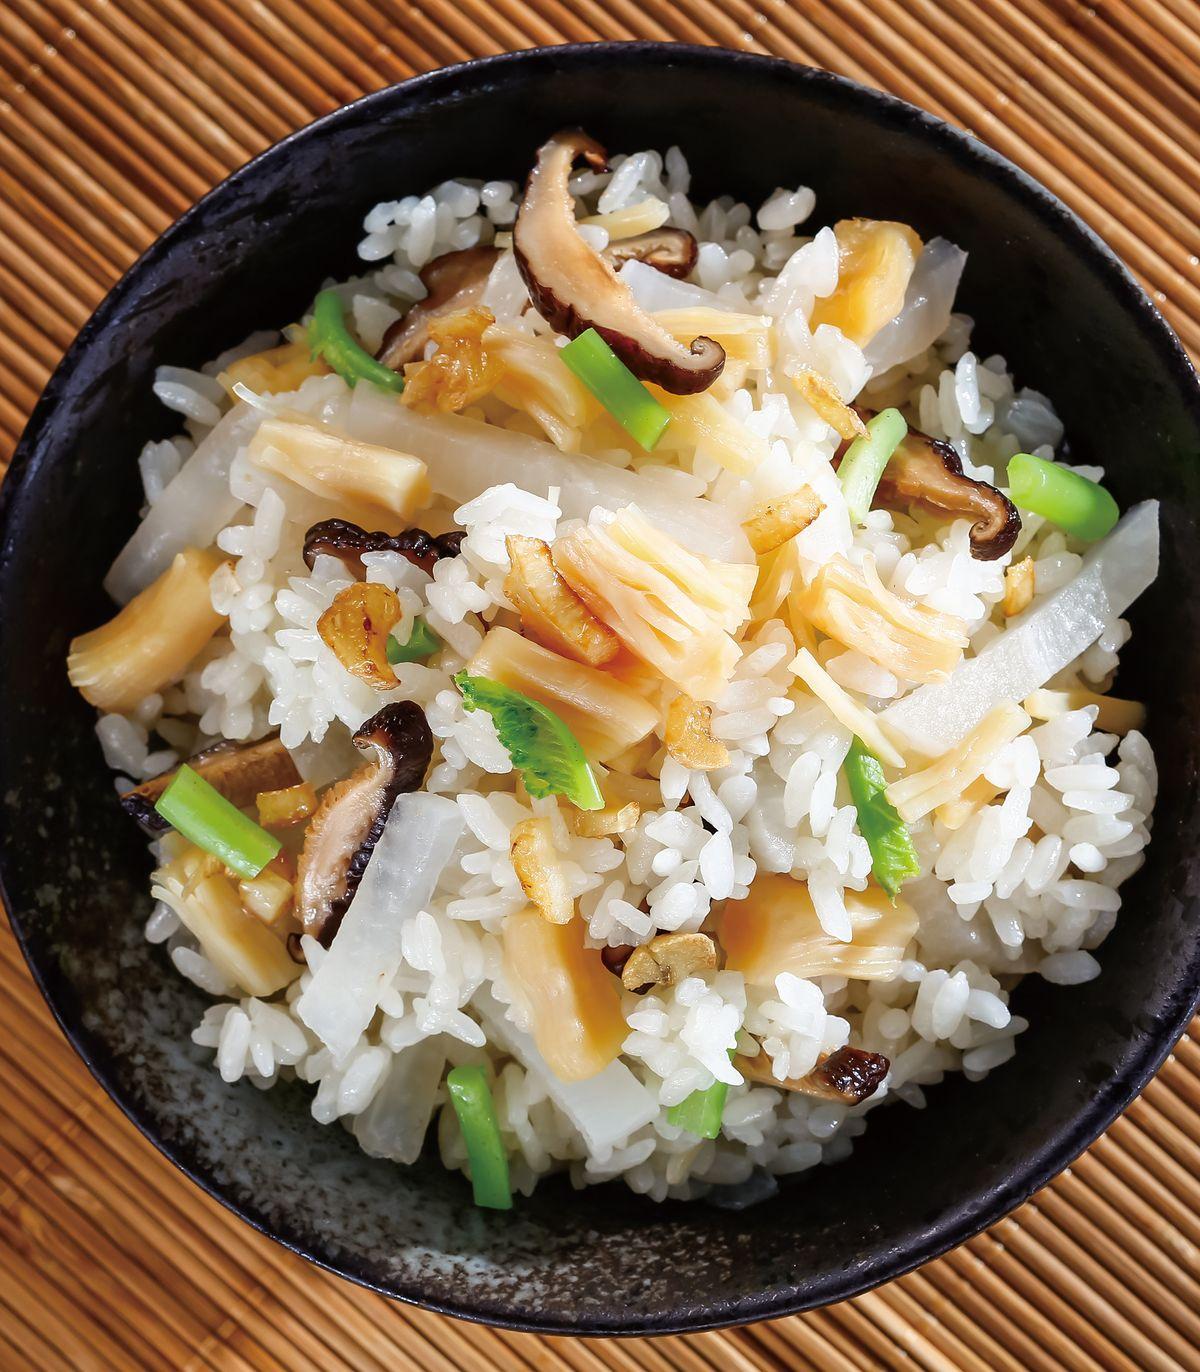 食譜:干貝蘿蔔炊飯